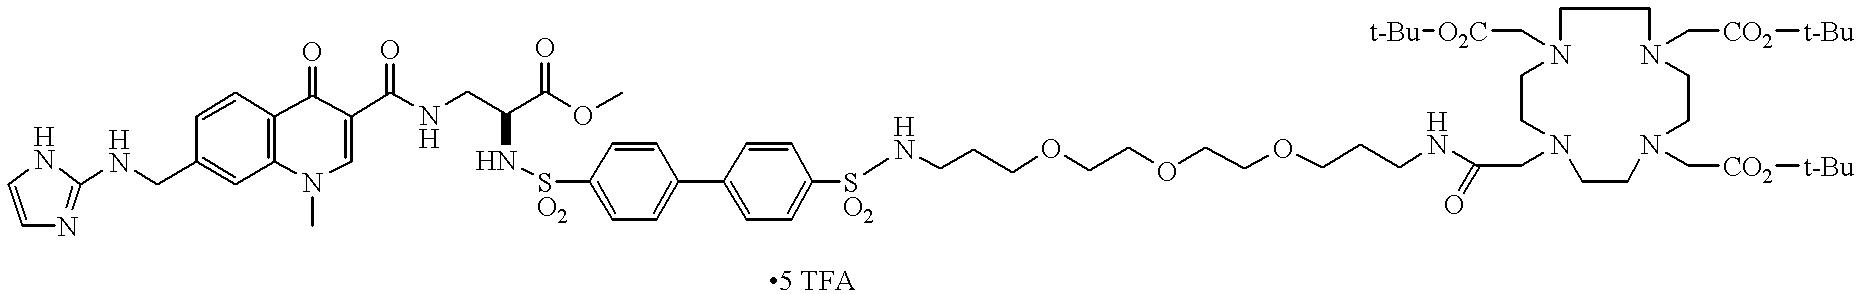 Figure US06683163-20040127-C00047